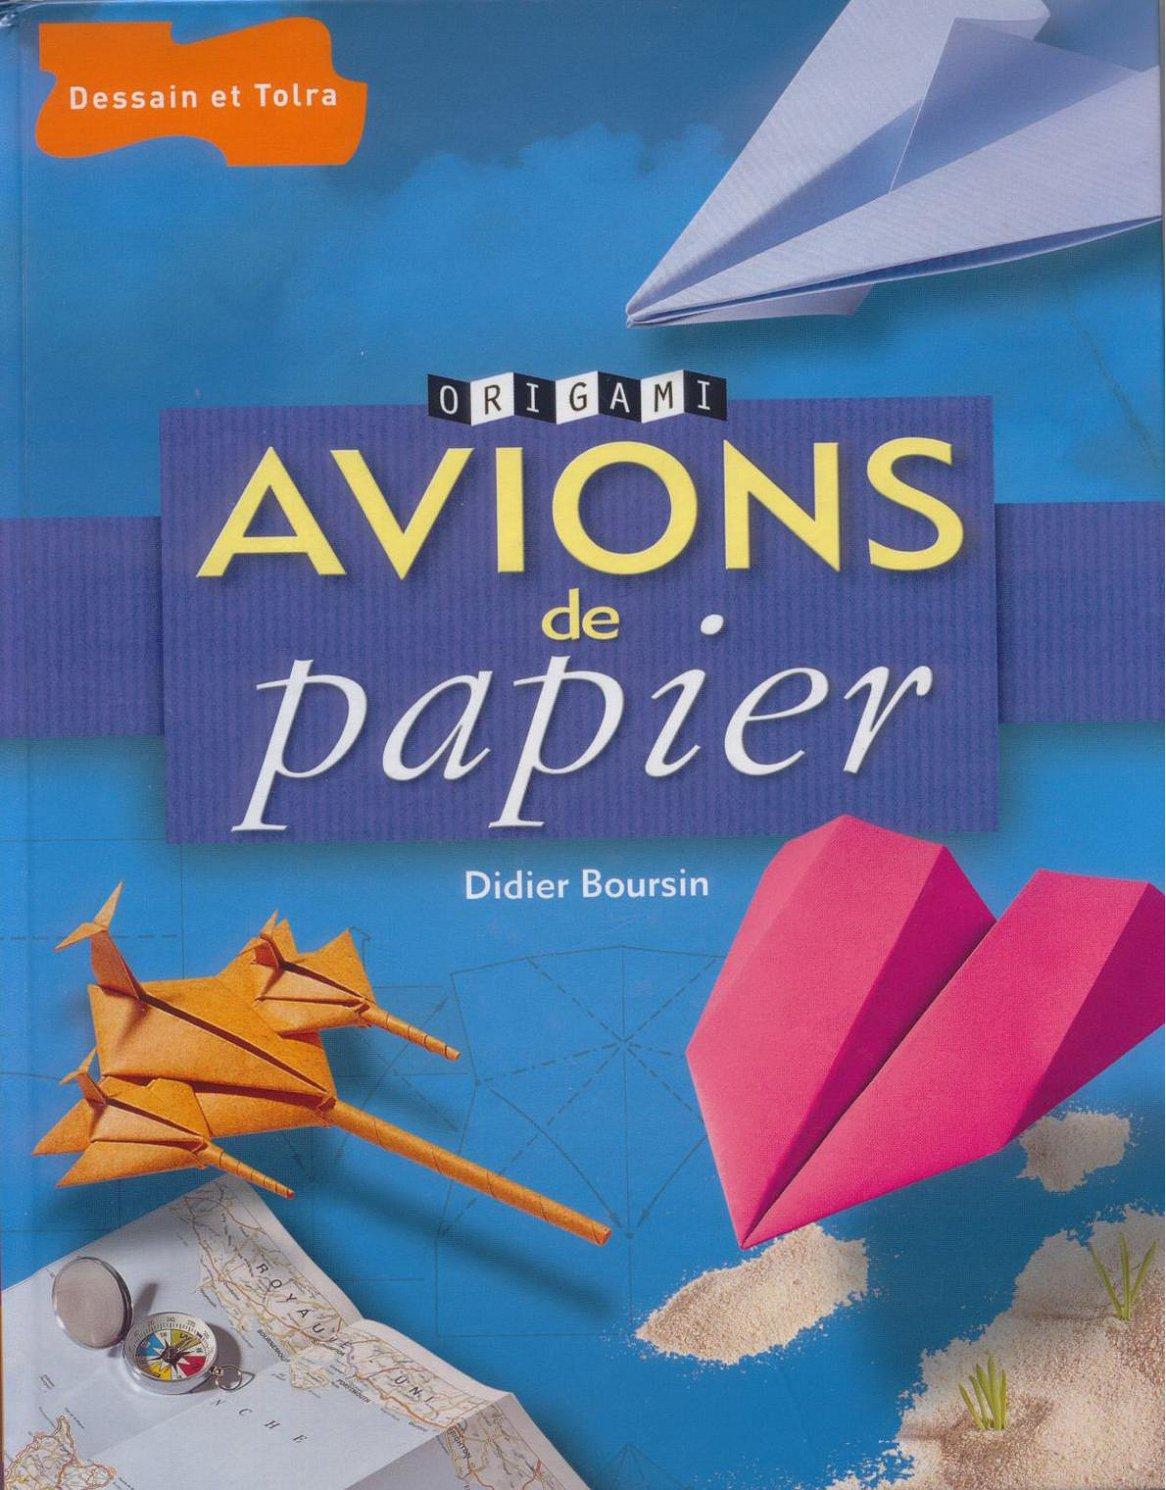 Origami Avions De Papier Video Diagram Quotswan Quyetquot